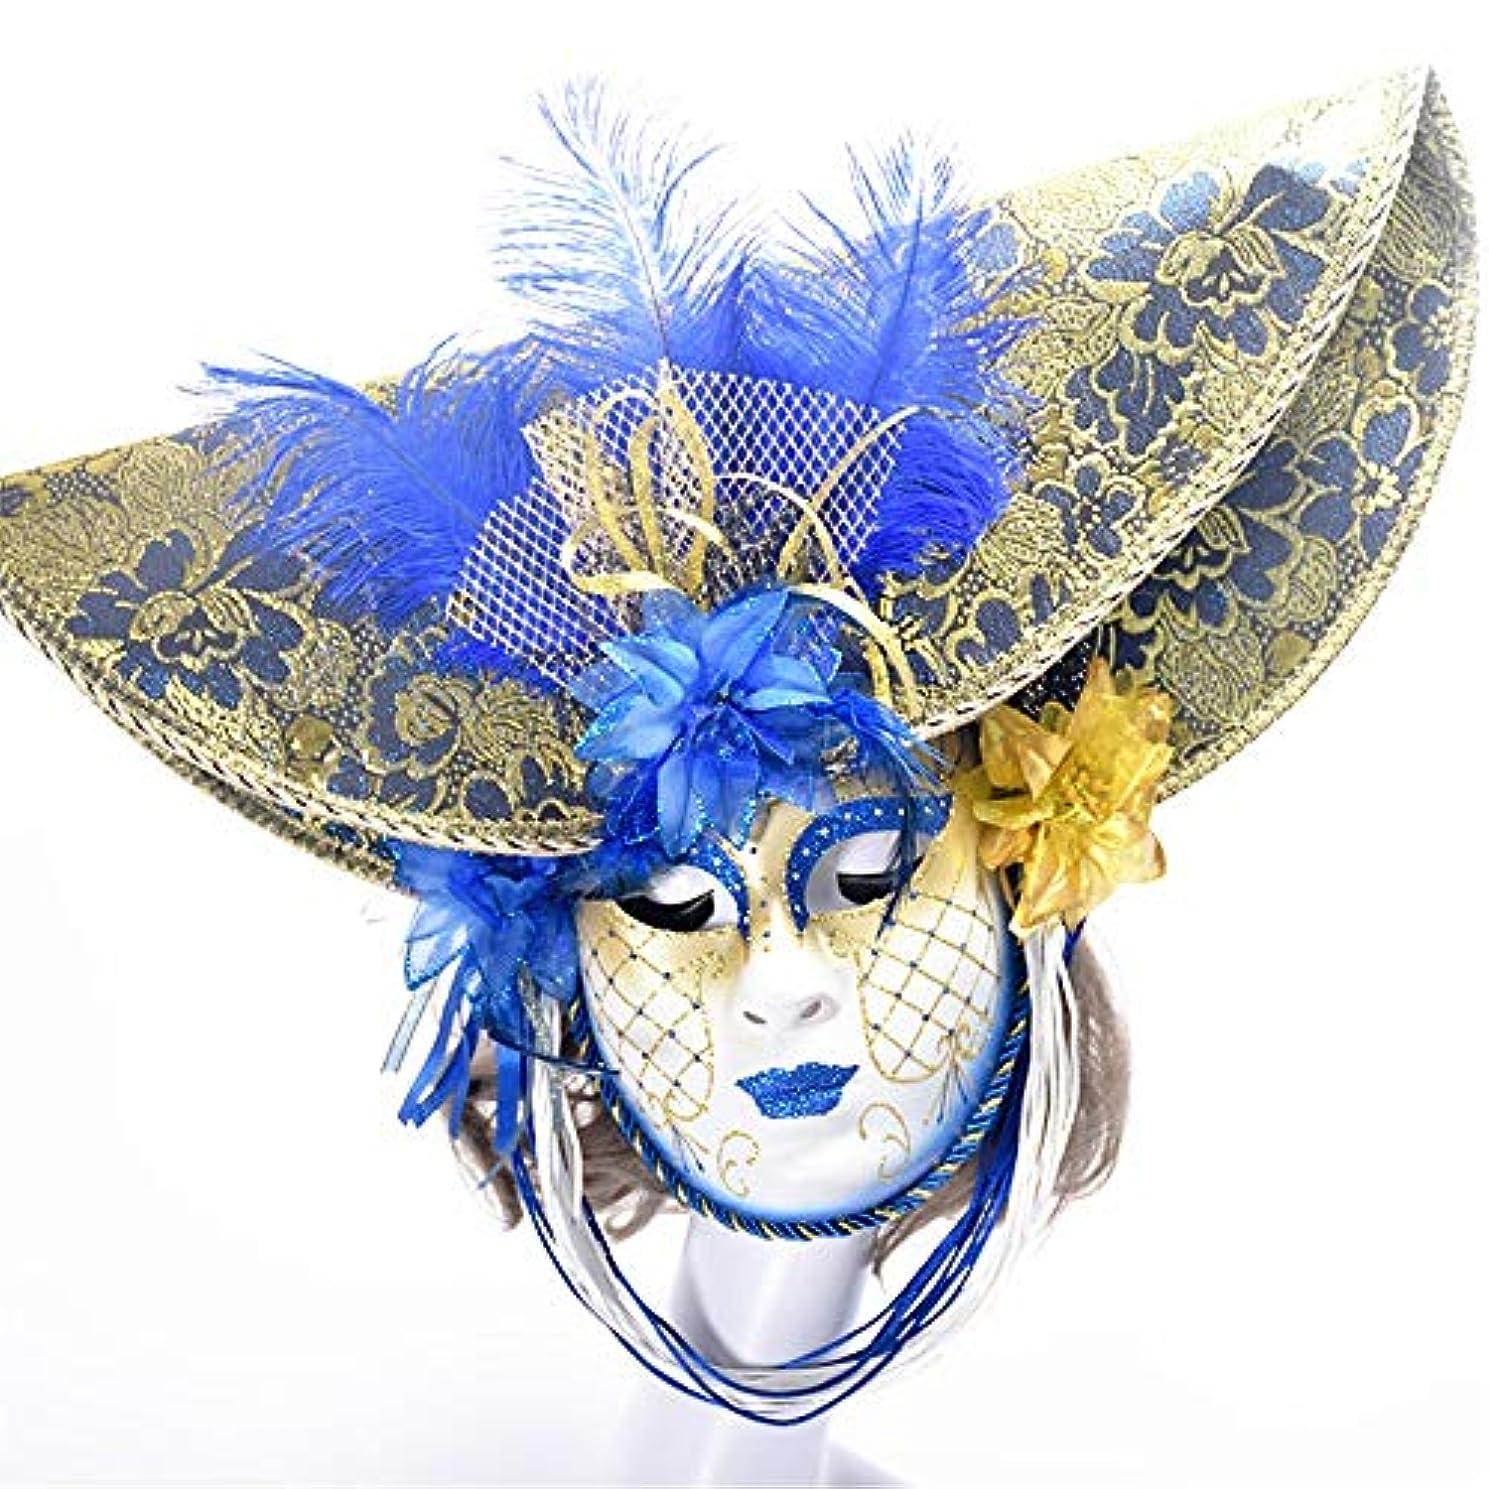 複雑な蜜慣れるダンスマスク 手描きフルフェイスマスク大人仮装パーティーブルーフェイスナイトクラブパーティーフェスティバルロールプレイングプラスチックマスク ホリデーパーティー用品 (色 : 青, サイズ : 55x35cm)